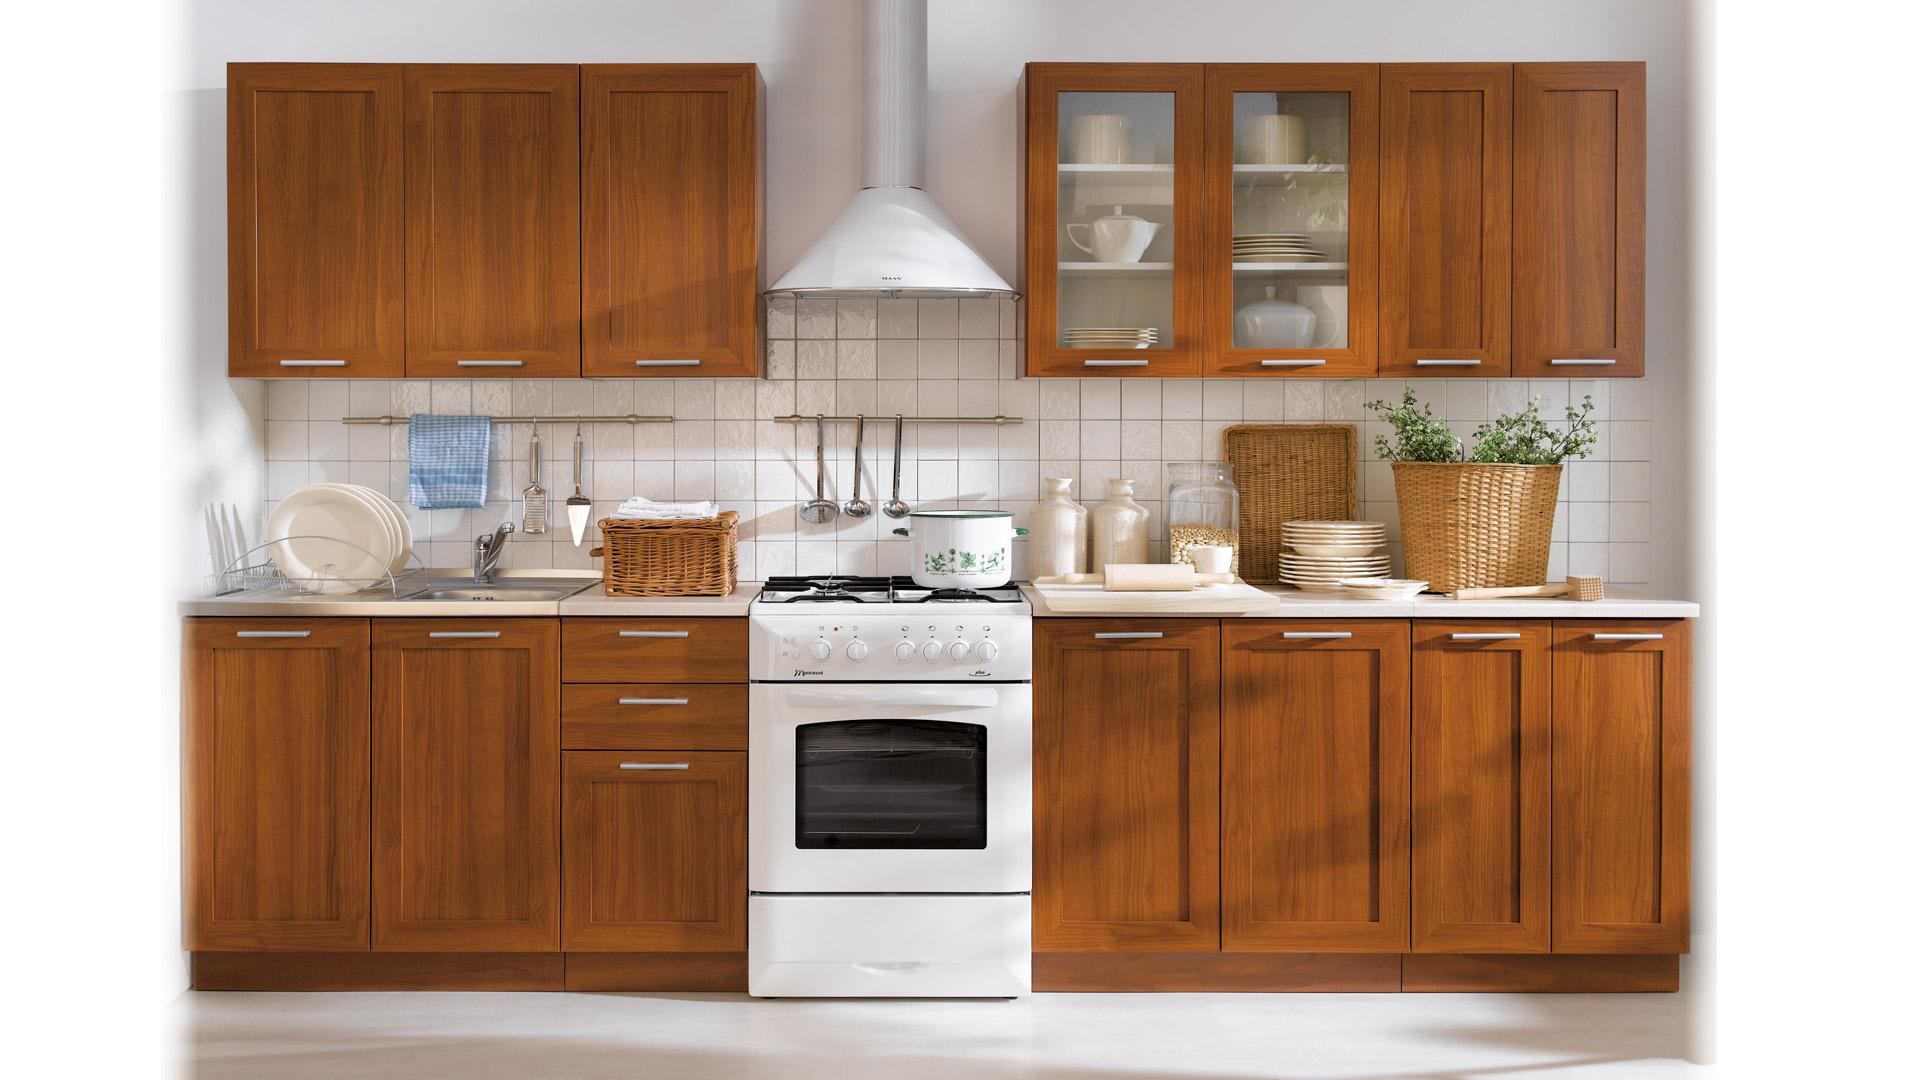 Küchenschrank Griffe Günstig esseryaad.info Finden Sie Tausende ...